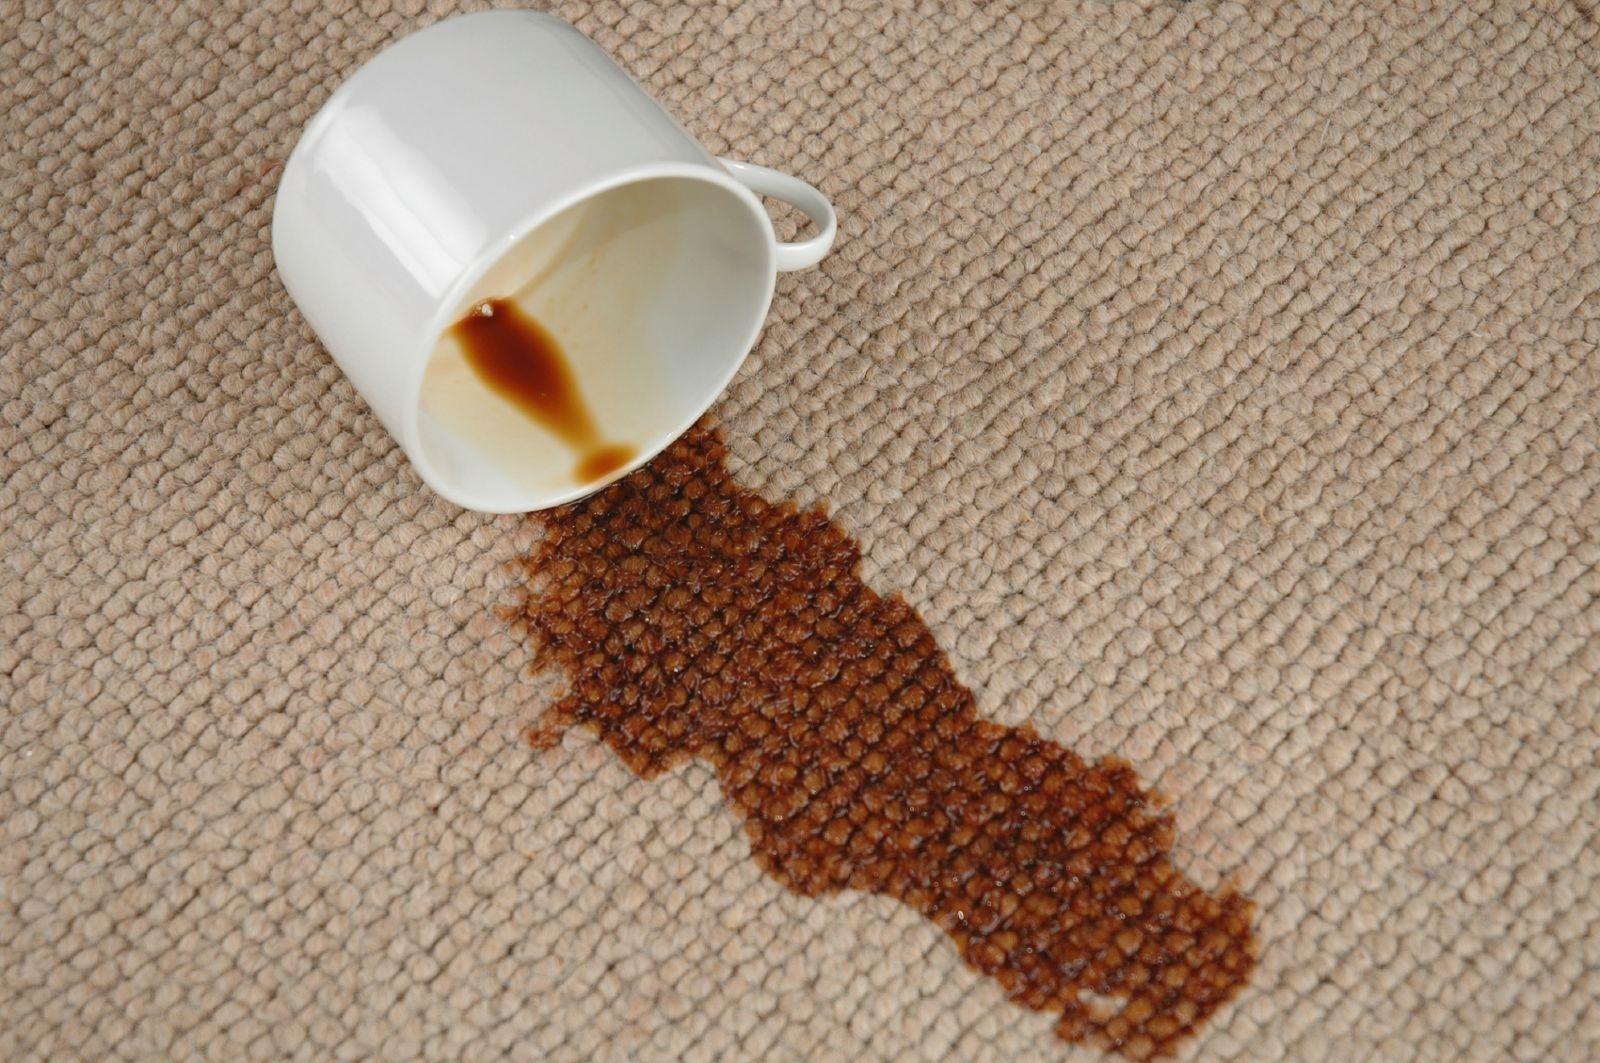 Кофе на обивке